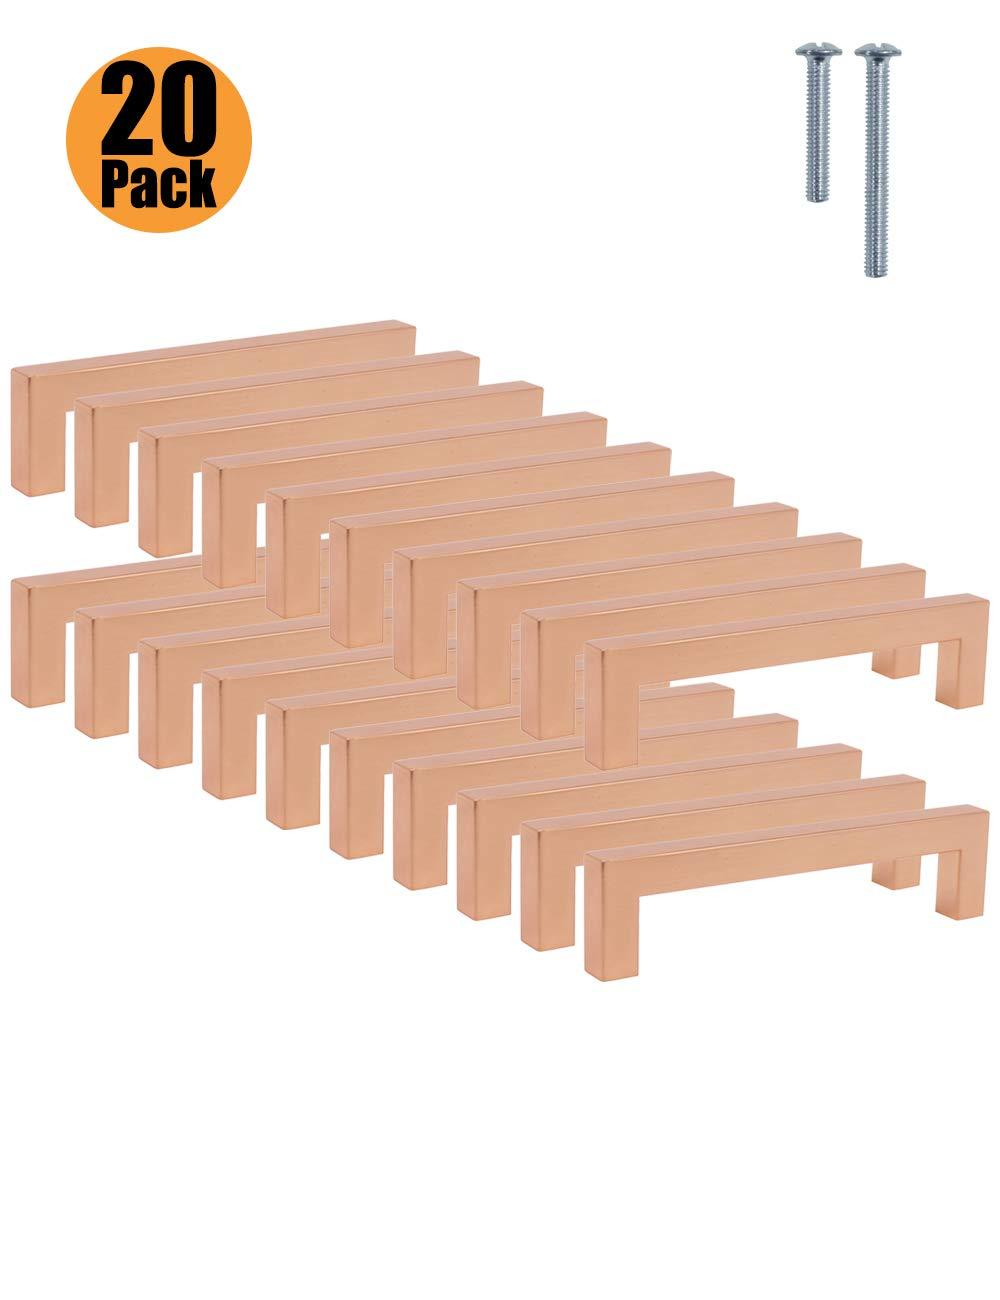 Breite 12 mm rosa PinLin T/ürgriffe Schubladen Ros/égold Edelstahl Schubladen Lochmitte Schubladen f/ür Schlafzimmer